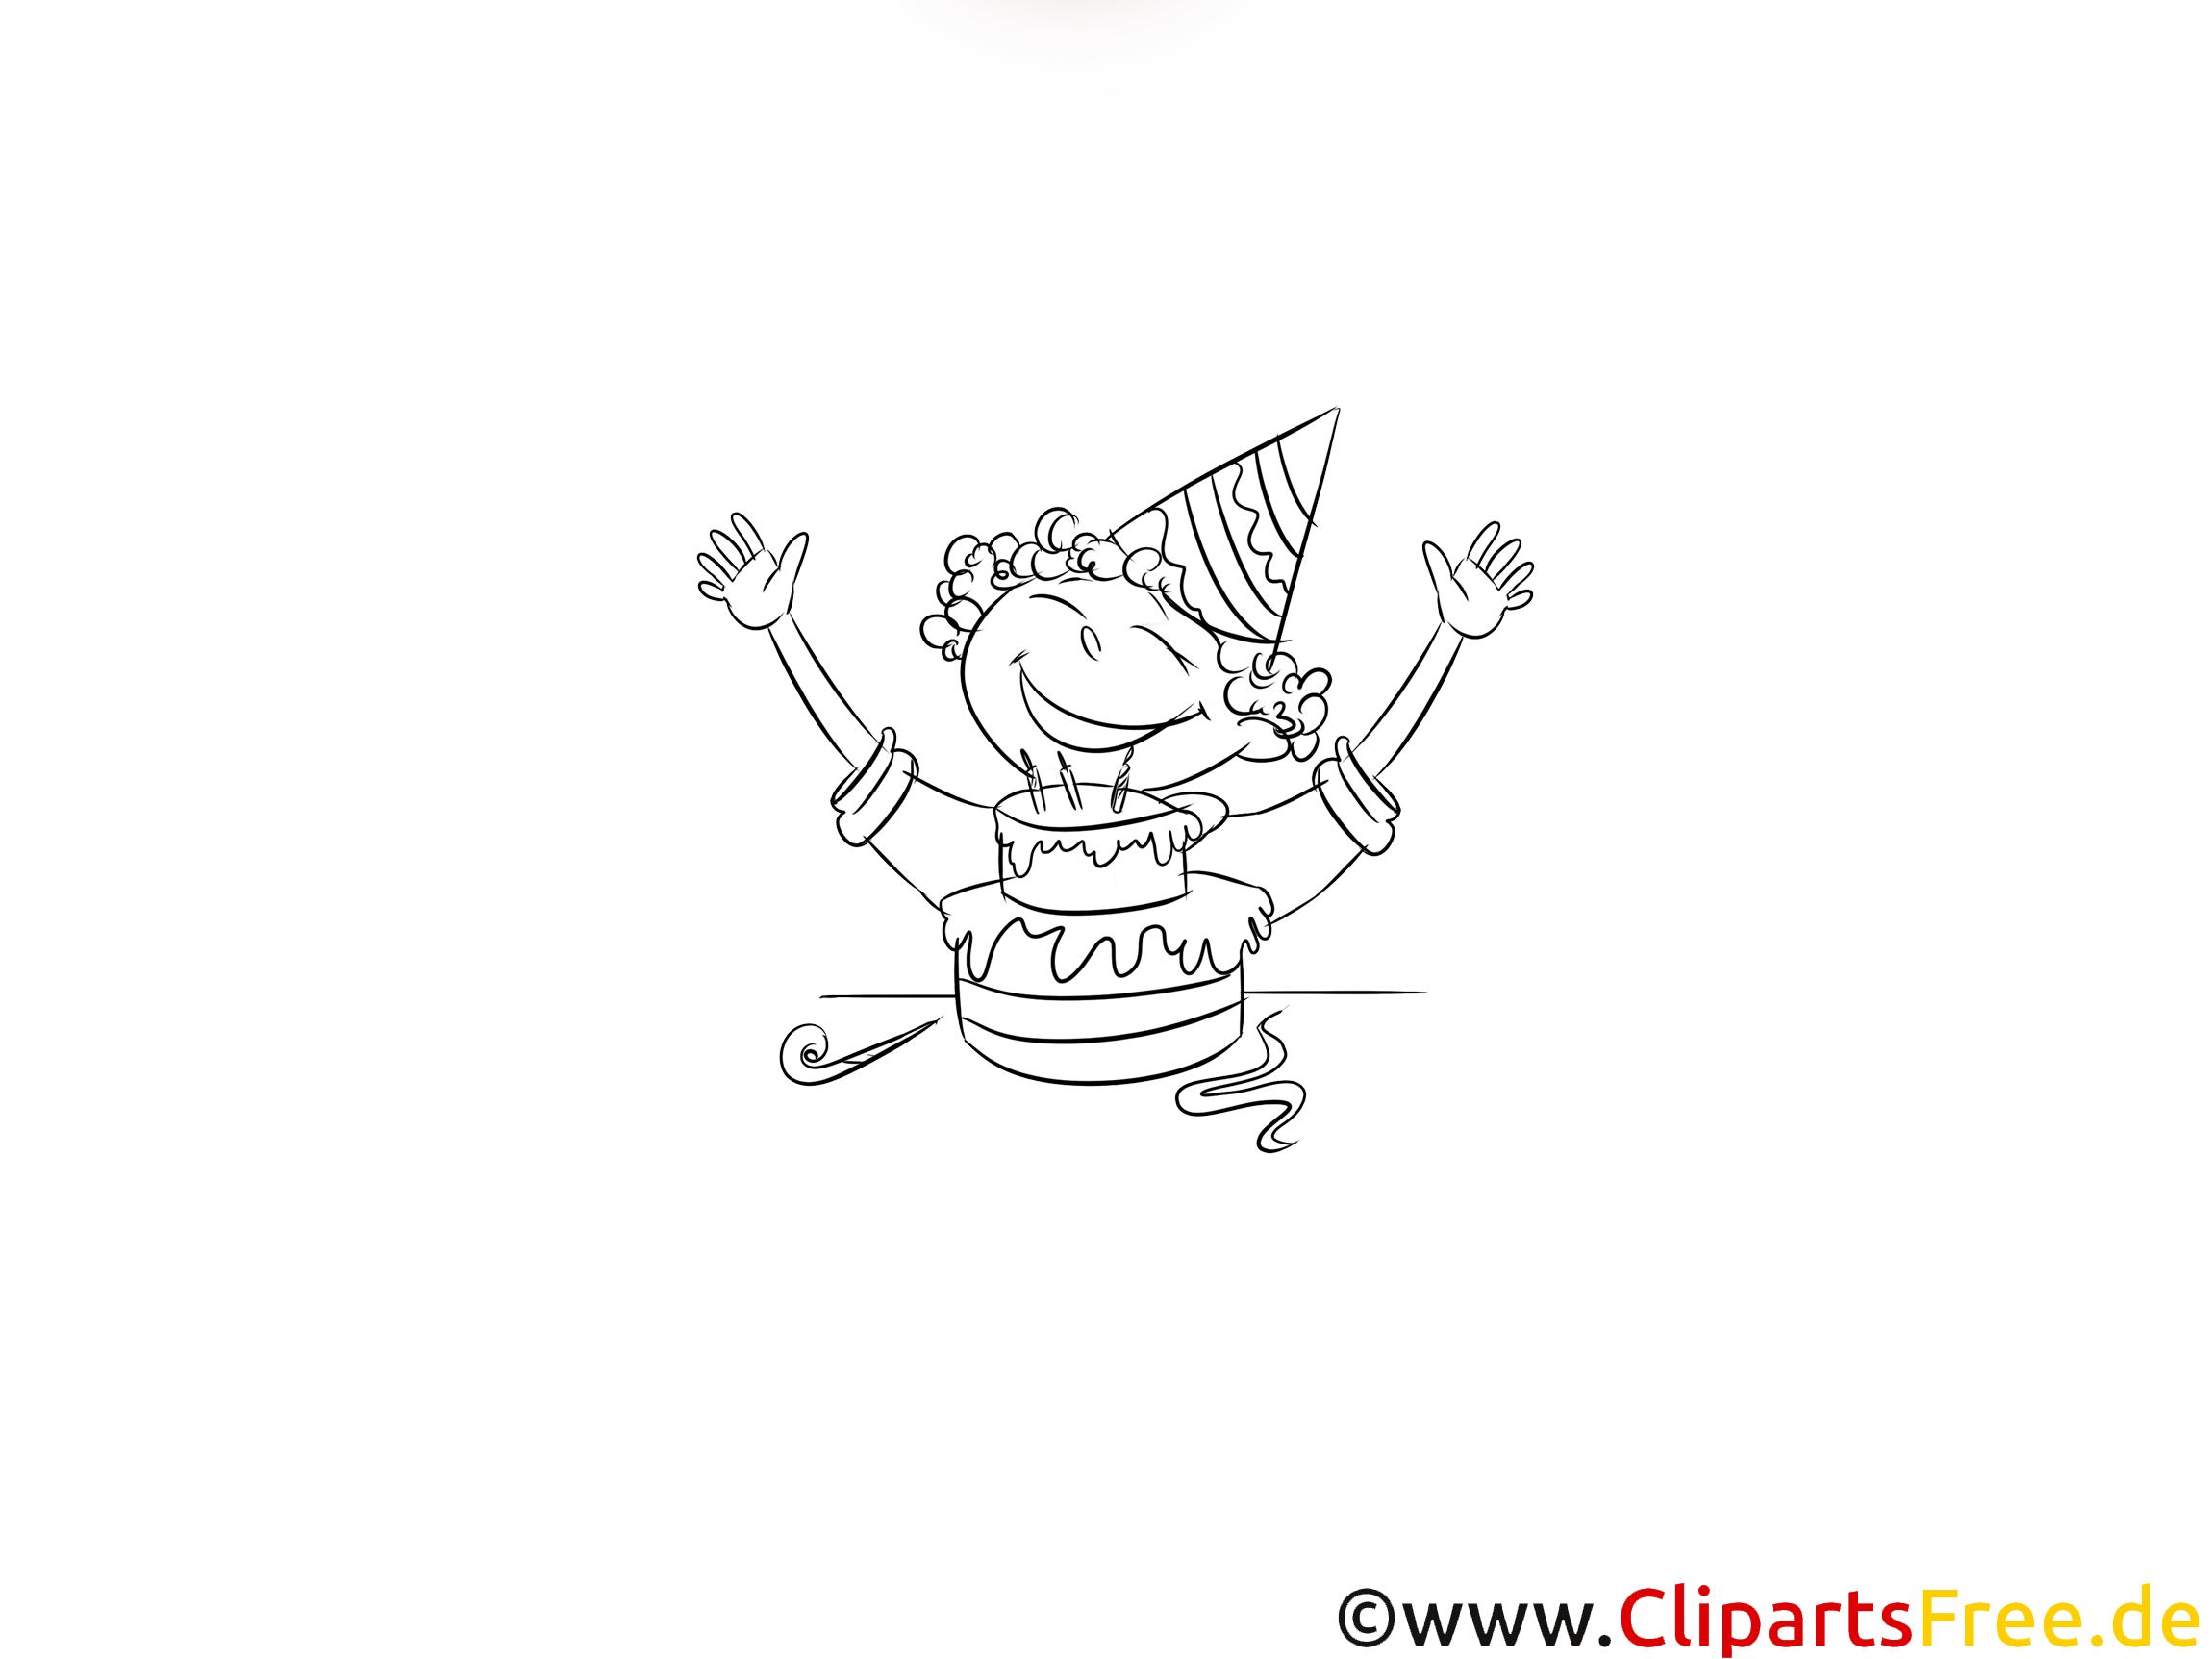 Geburtstagskind Bild PDF schwarz-weiss zum Ausmalen, Drucken